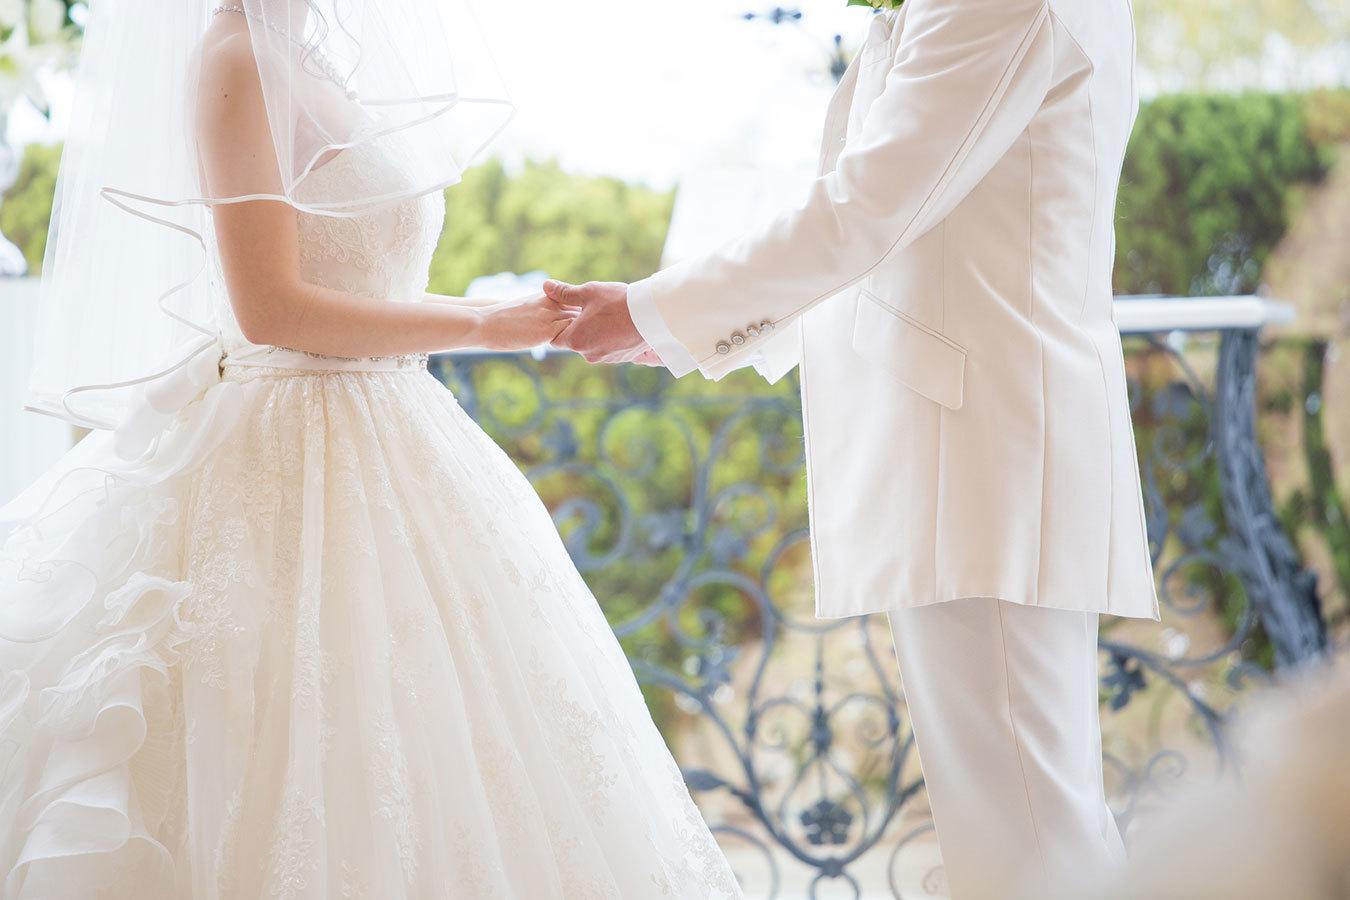 出会いと結婚の変化を考える